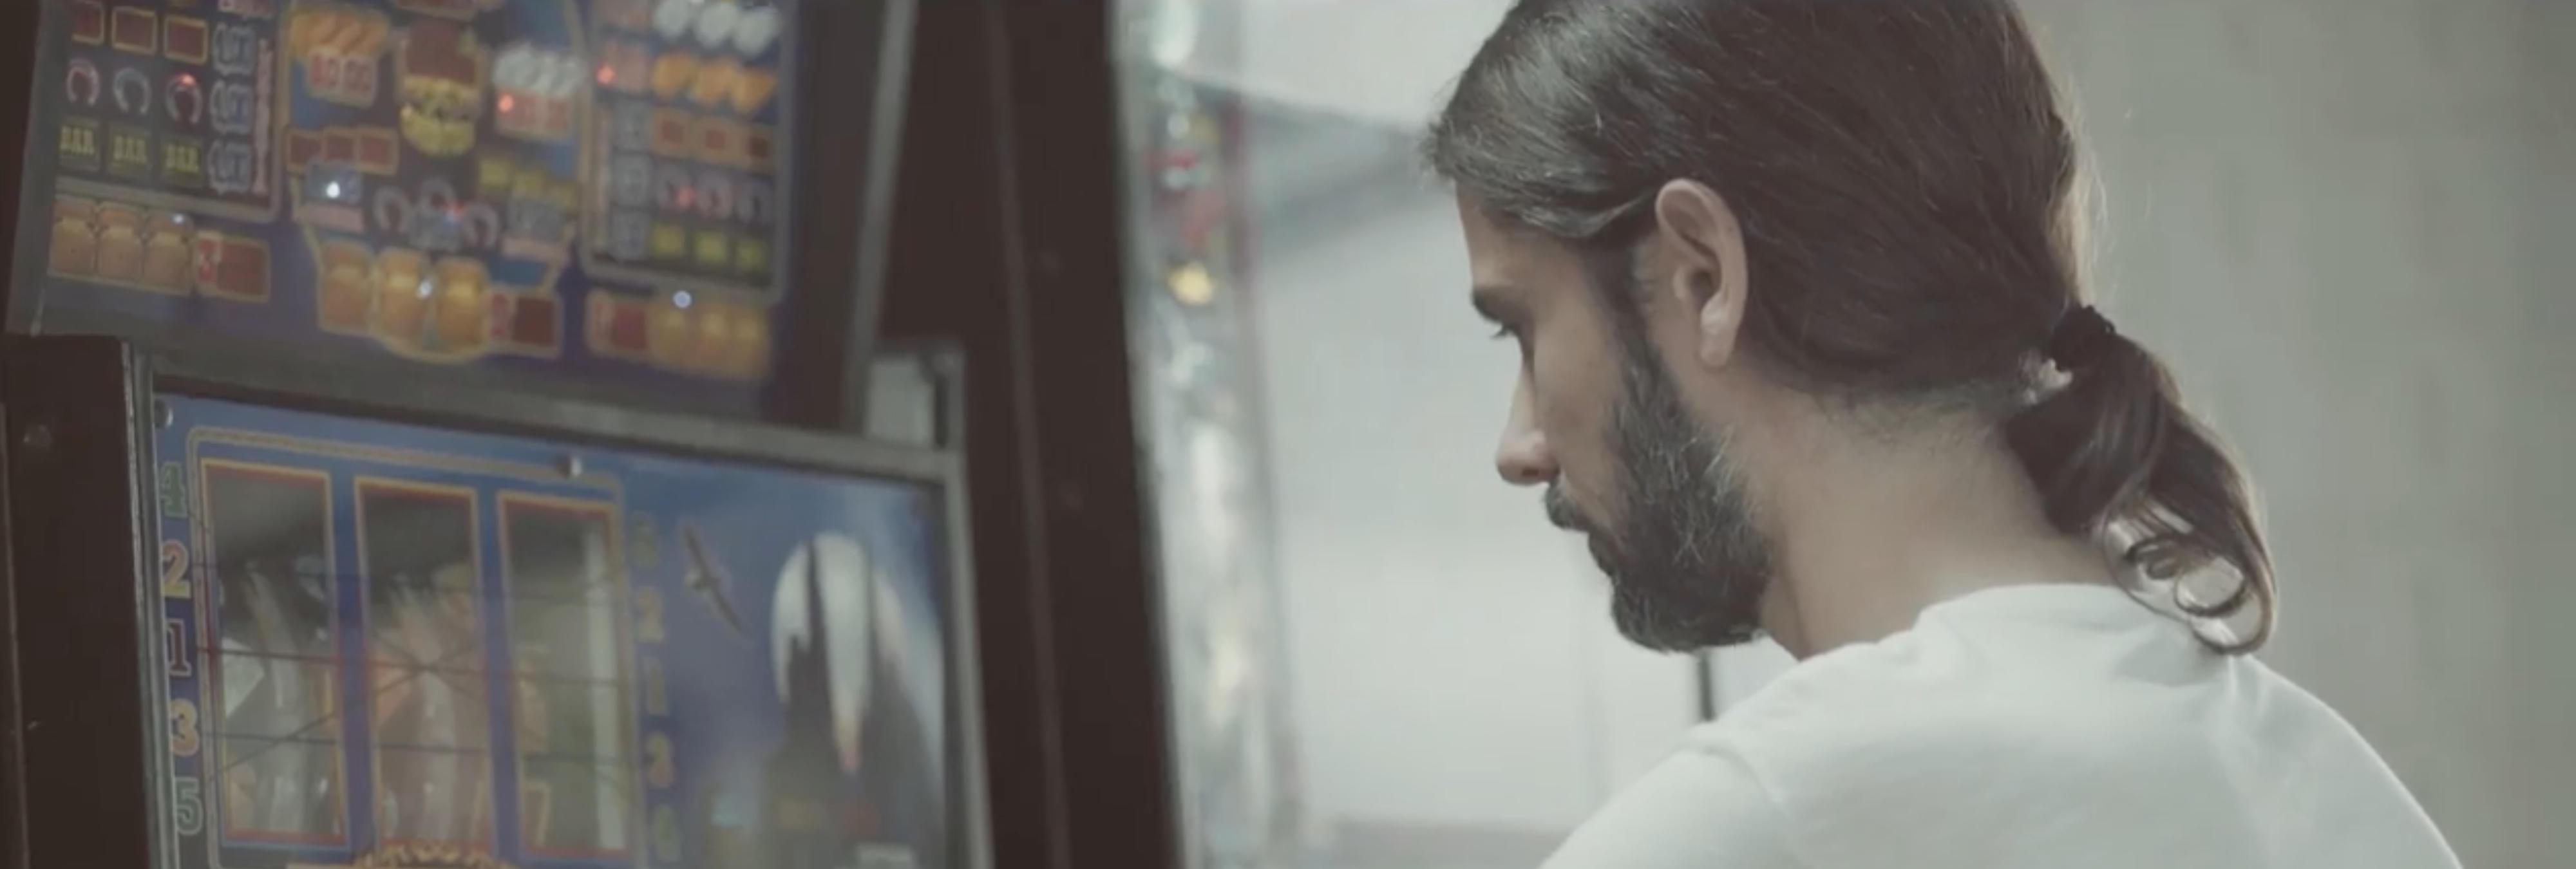 El vídeo electoral de Ciudadanos en el que hasta Pablo Iglesias votará a Rivera